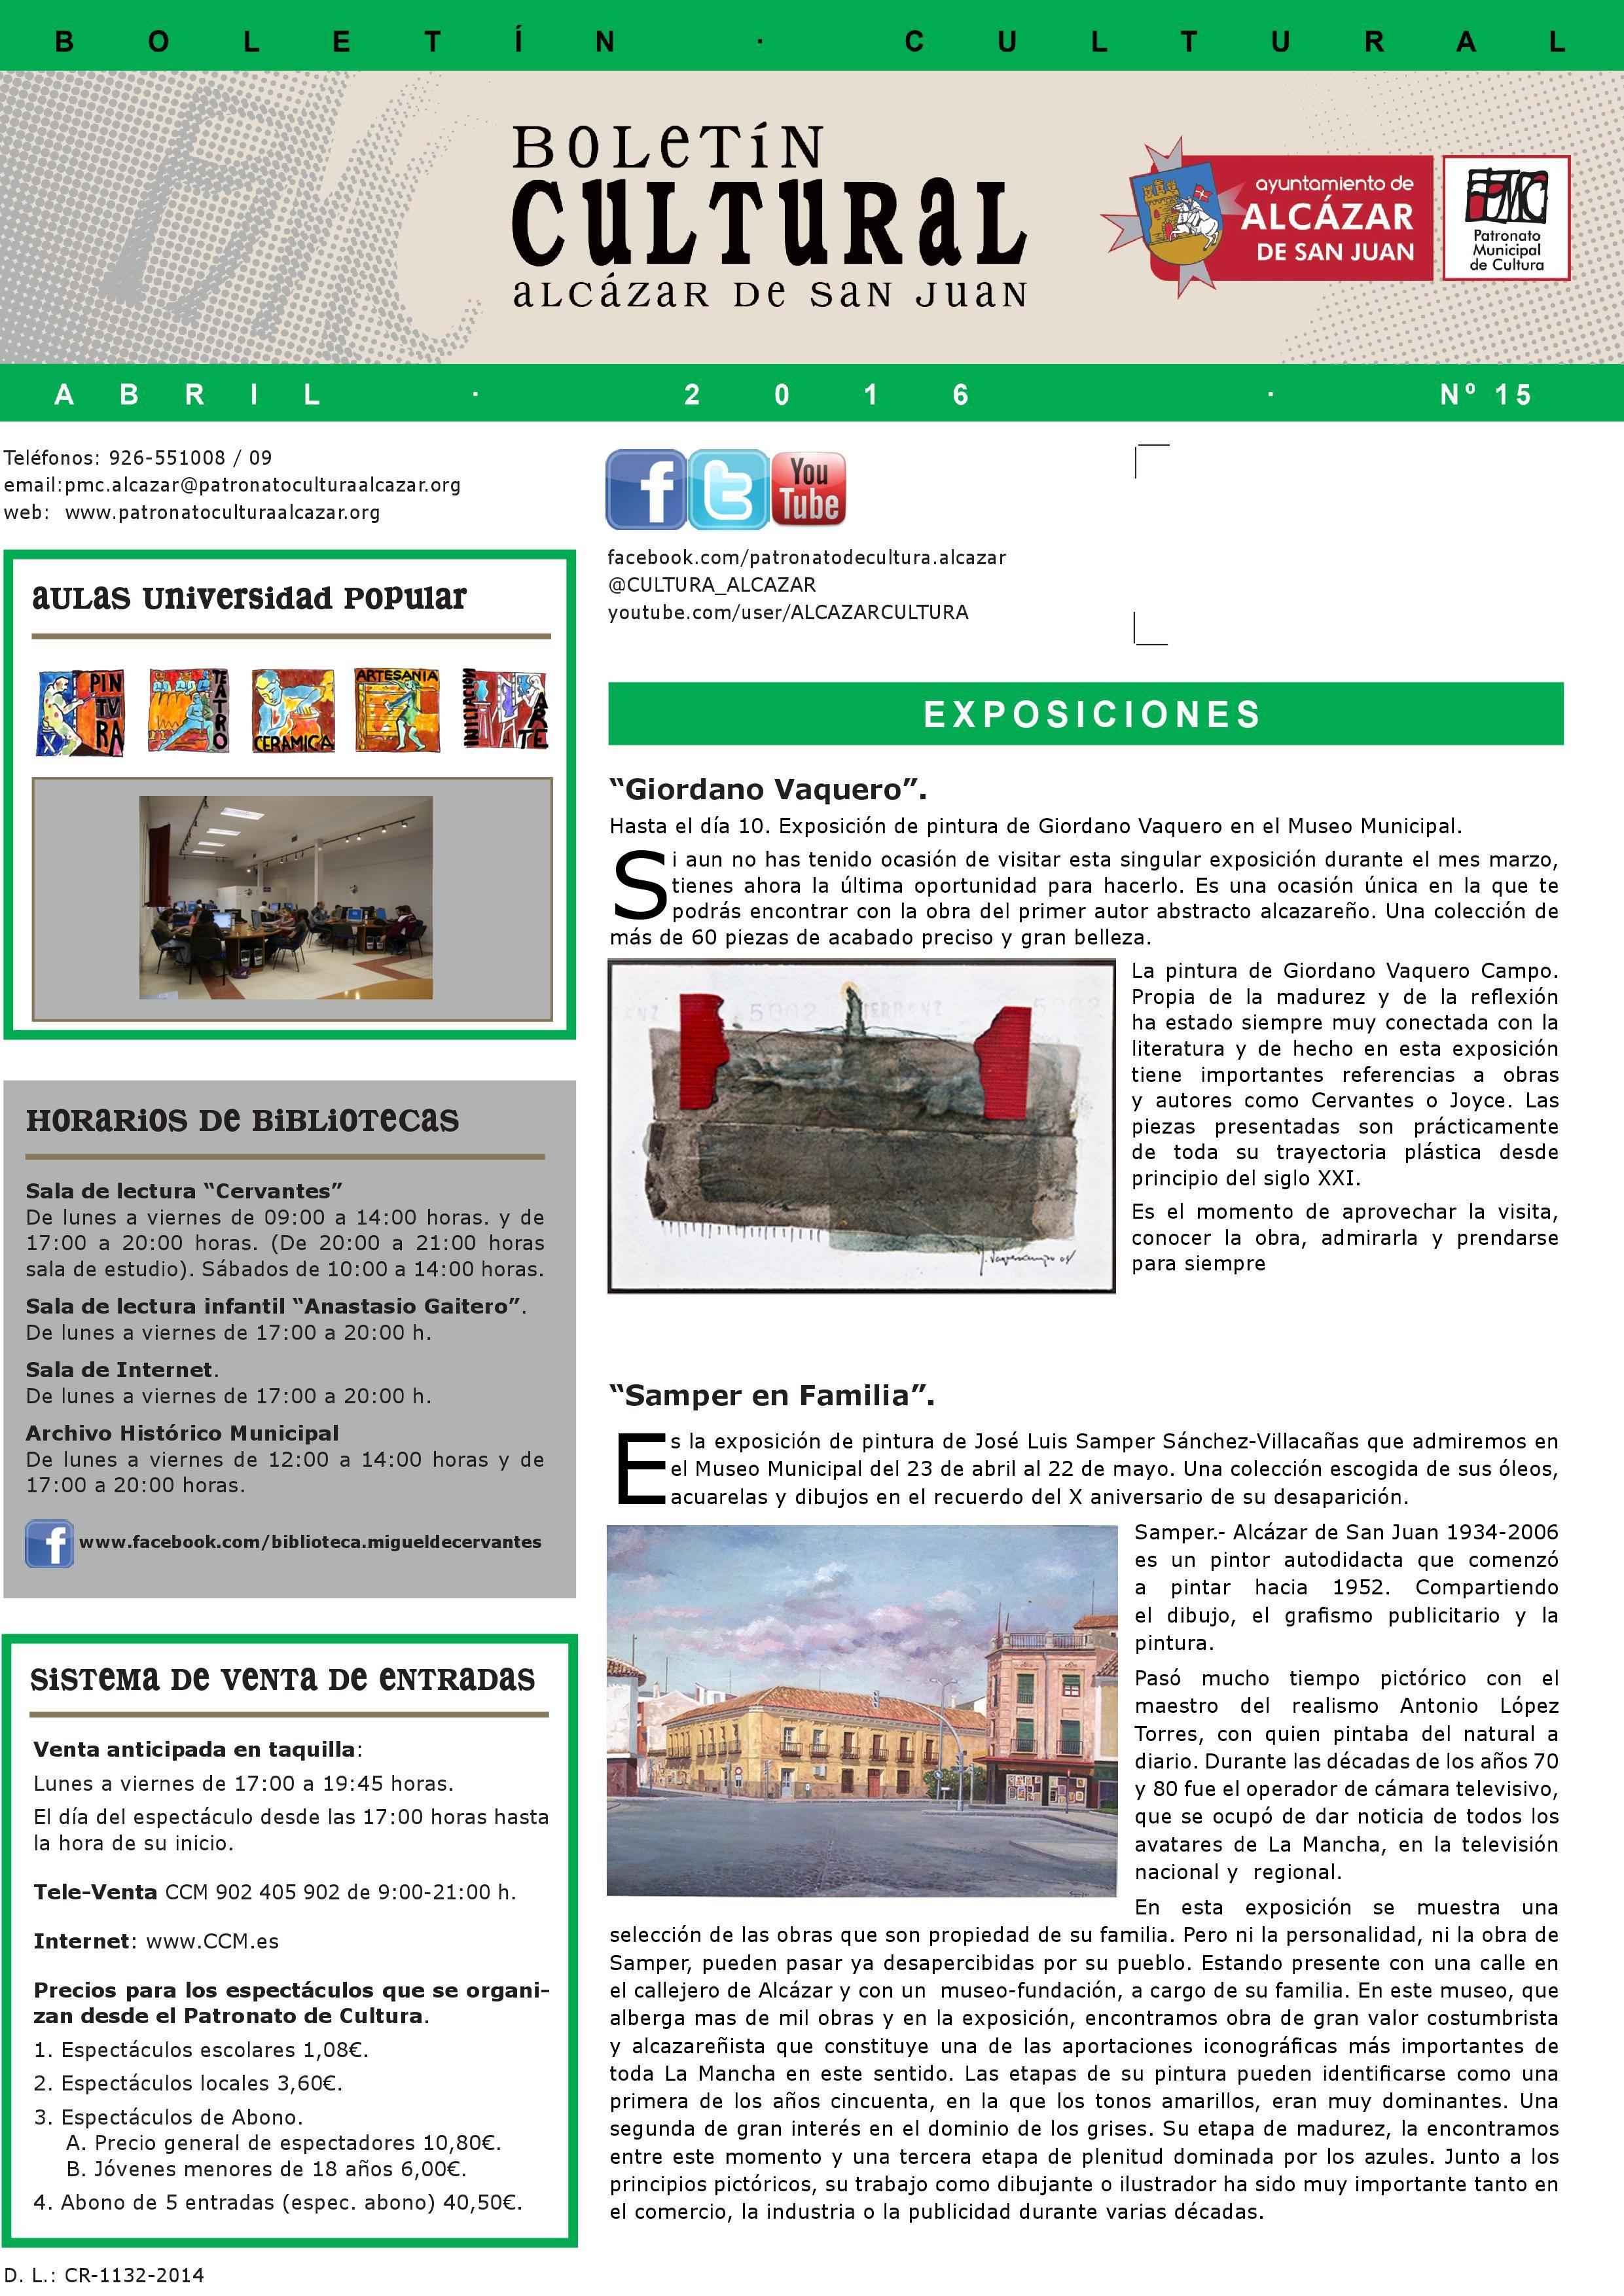 boletin cultural alcazar de san juan abril 2016 0001 - El Patronato de Cultura presenta las actividades para abril 2016